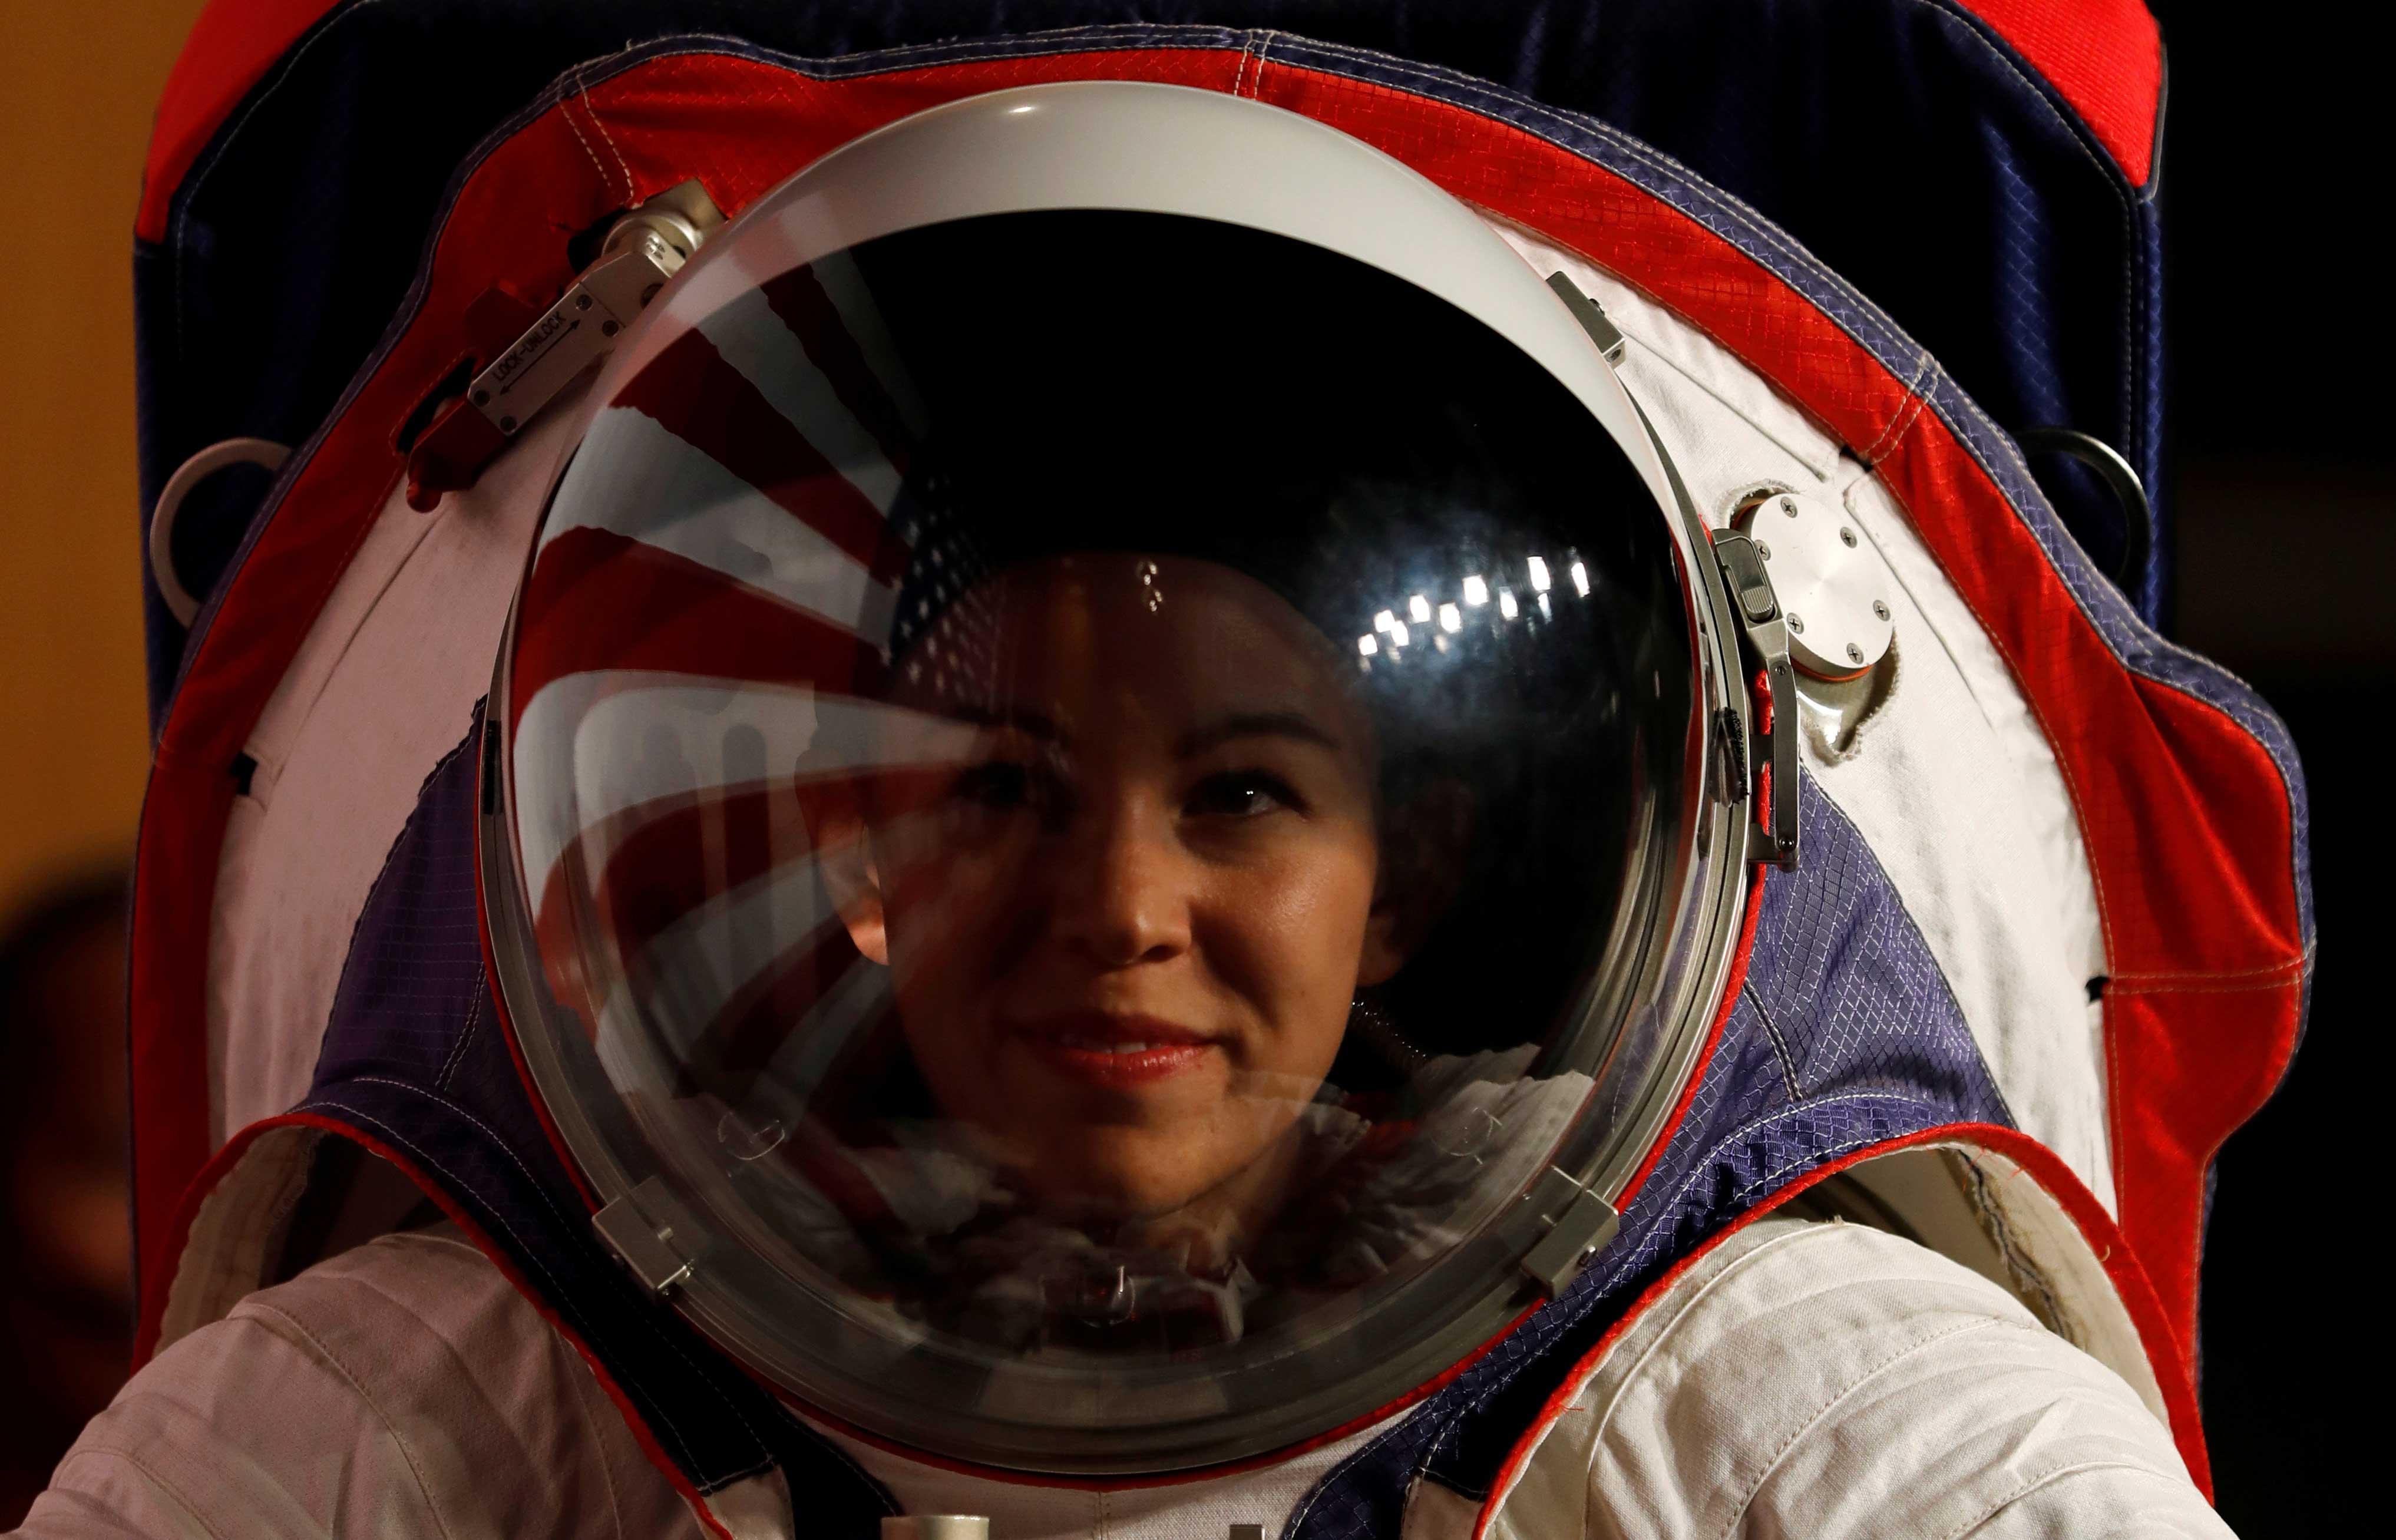 El regreso a la Luna esta previsto de manera oficial para 2024 con la misión Artémis 3, aunque este calendario es aún incierto debido a retrasos y problemas de financiamiento. Los trajes estarían listos no antes de 2023 (Reuters)